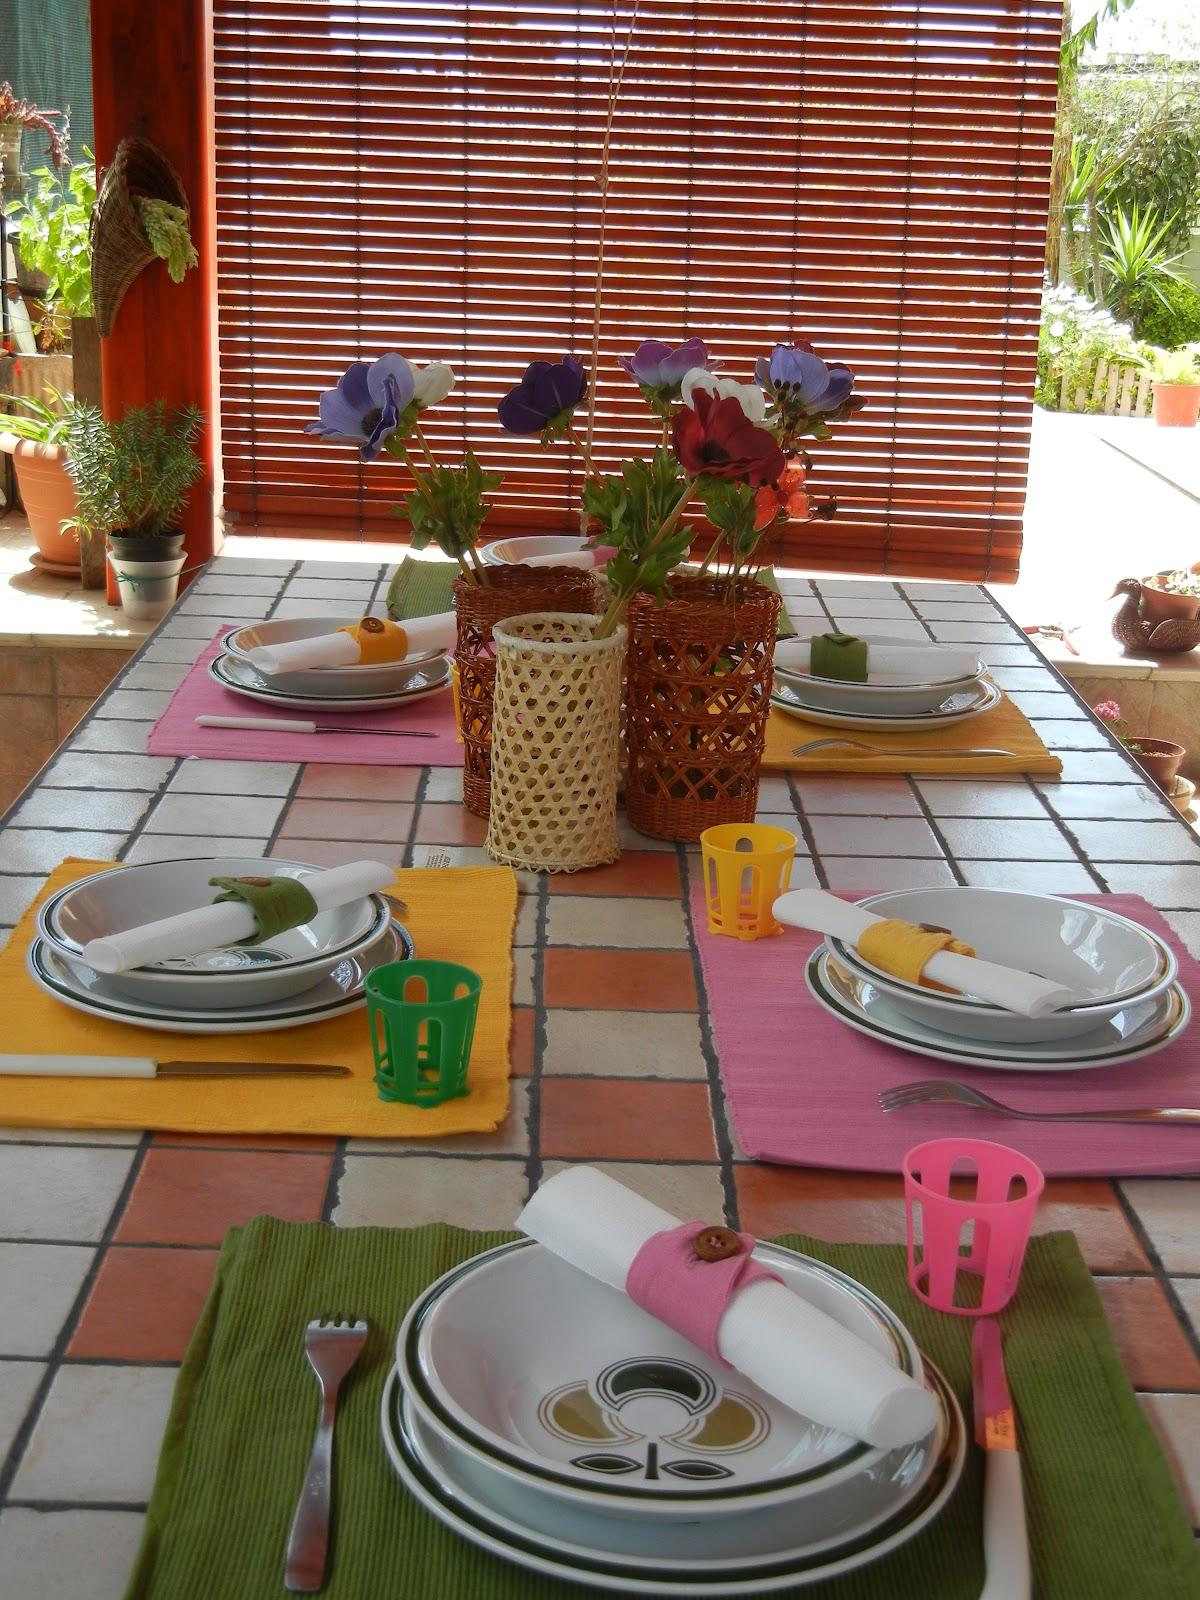 Loro in tavola: un pranzo informale con amici